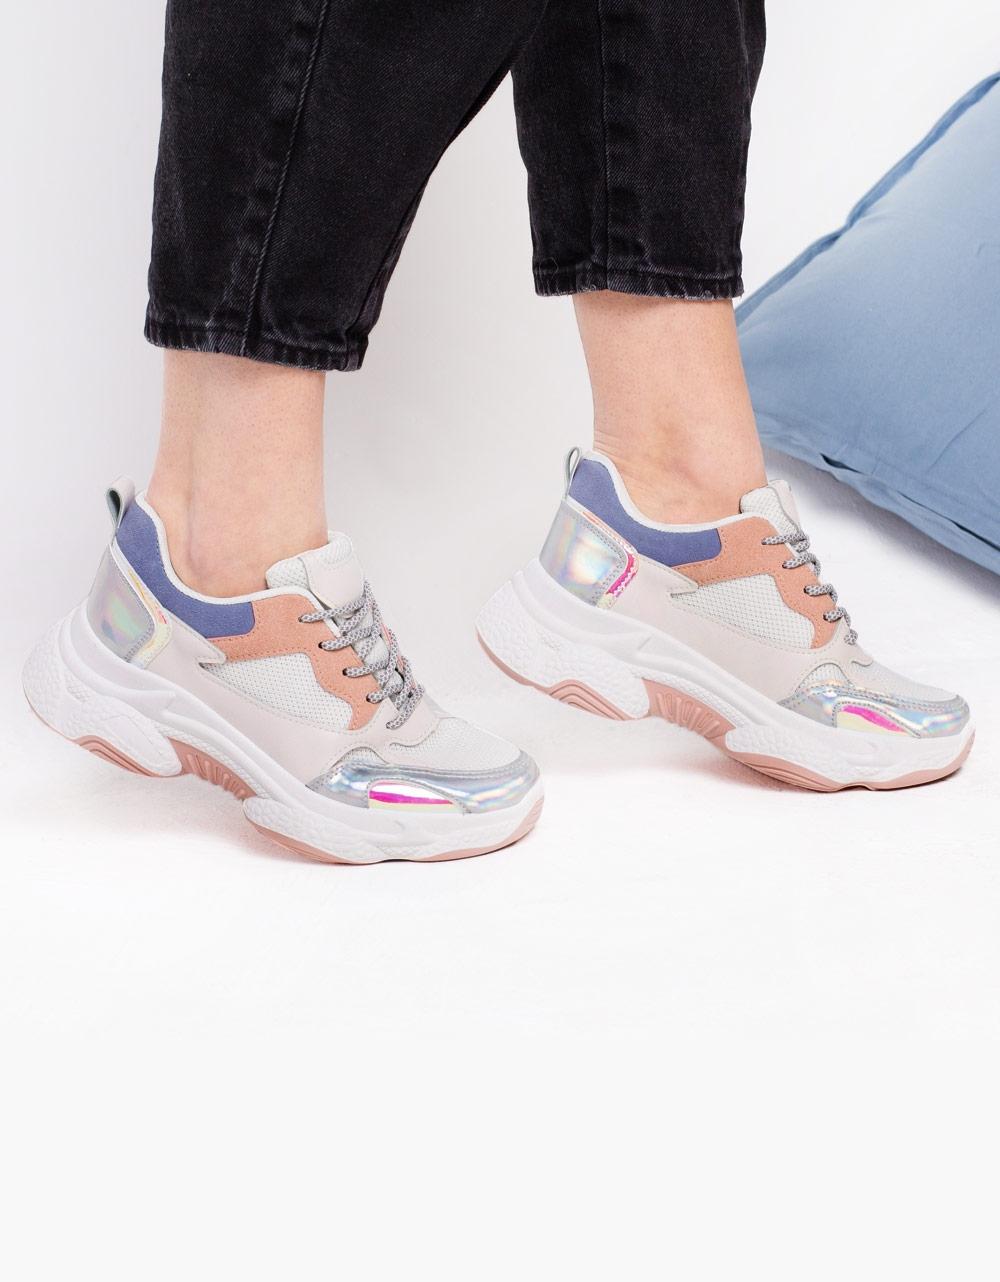 Εικόνα από Γυναικεία sneakers με ανάγλυφα σχέδια Λευκό/Ροζ